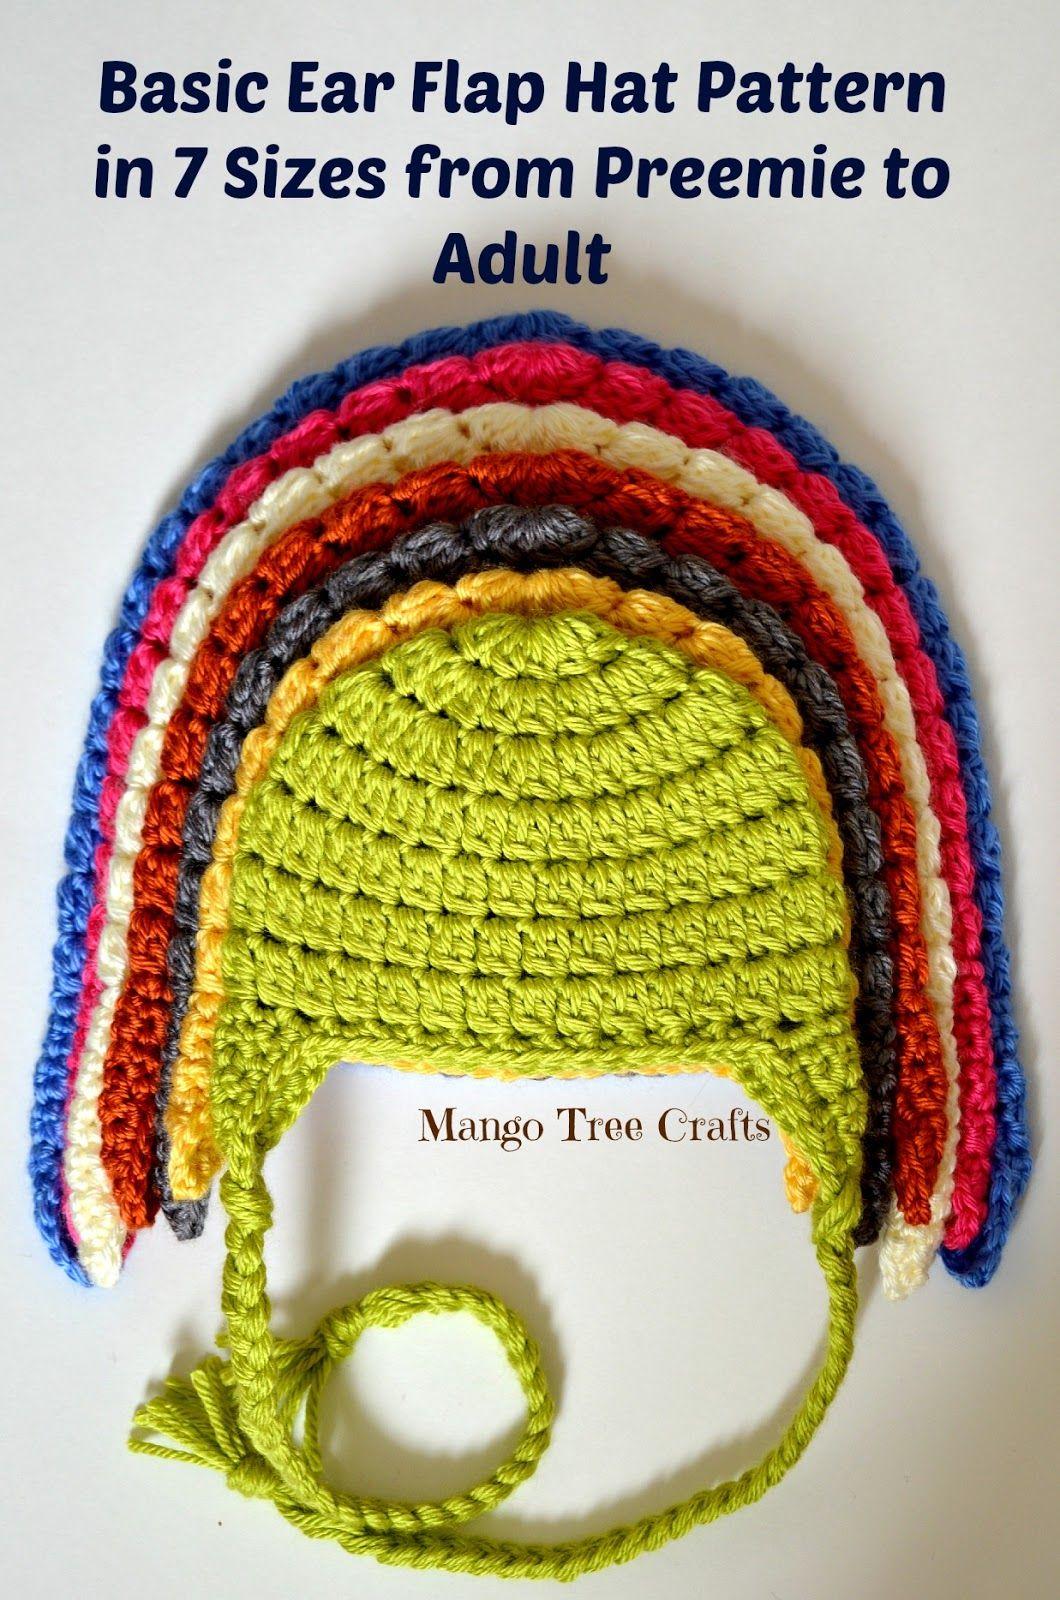 Basic Crochet Ear Flap Hat Pattern In 7 Sizes Basic Crochet Beanie Crochet Ear Flap Hat Crochet Hats